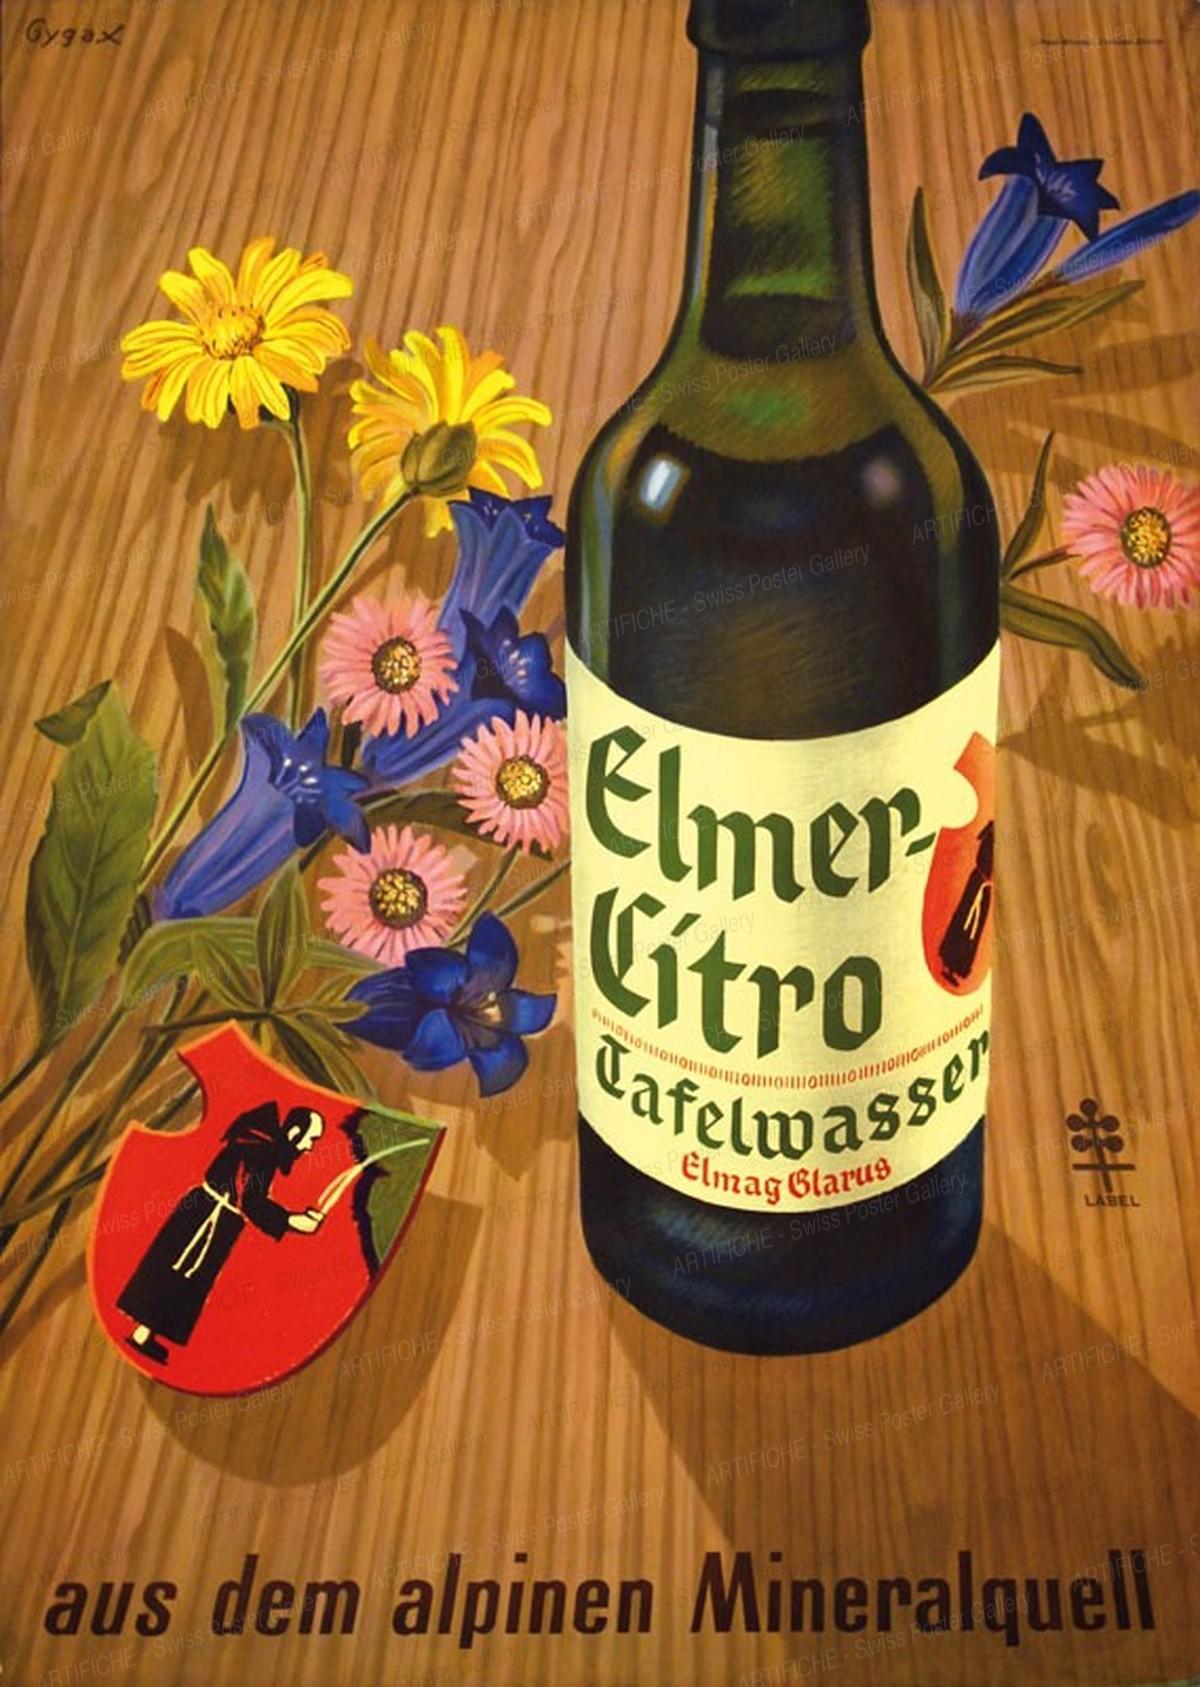 Elmer Citro – aus dem alpinen Mineralquell, Franz Gygax